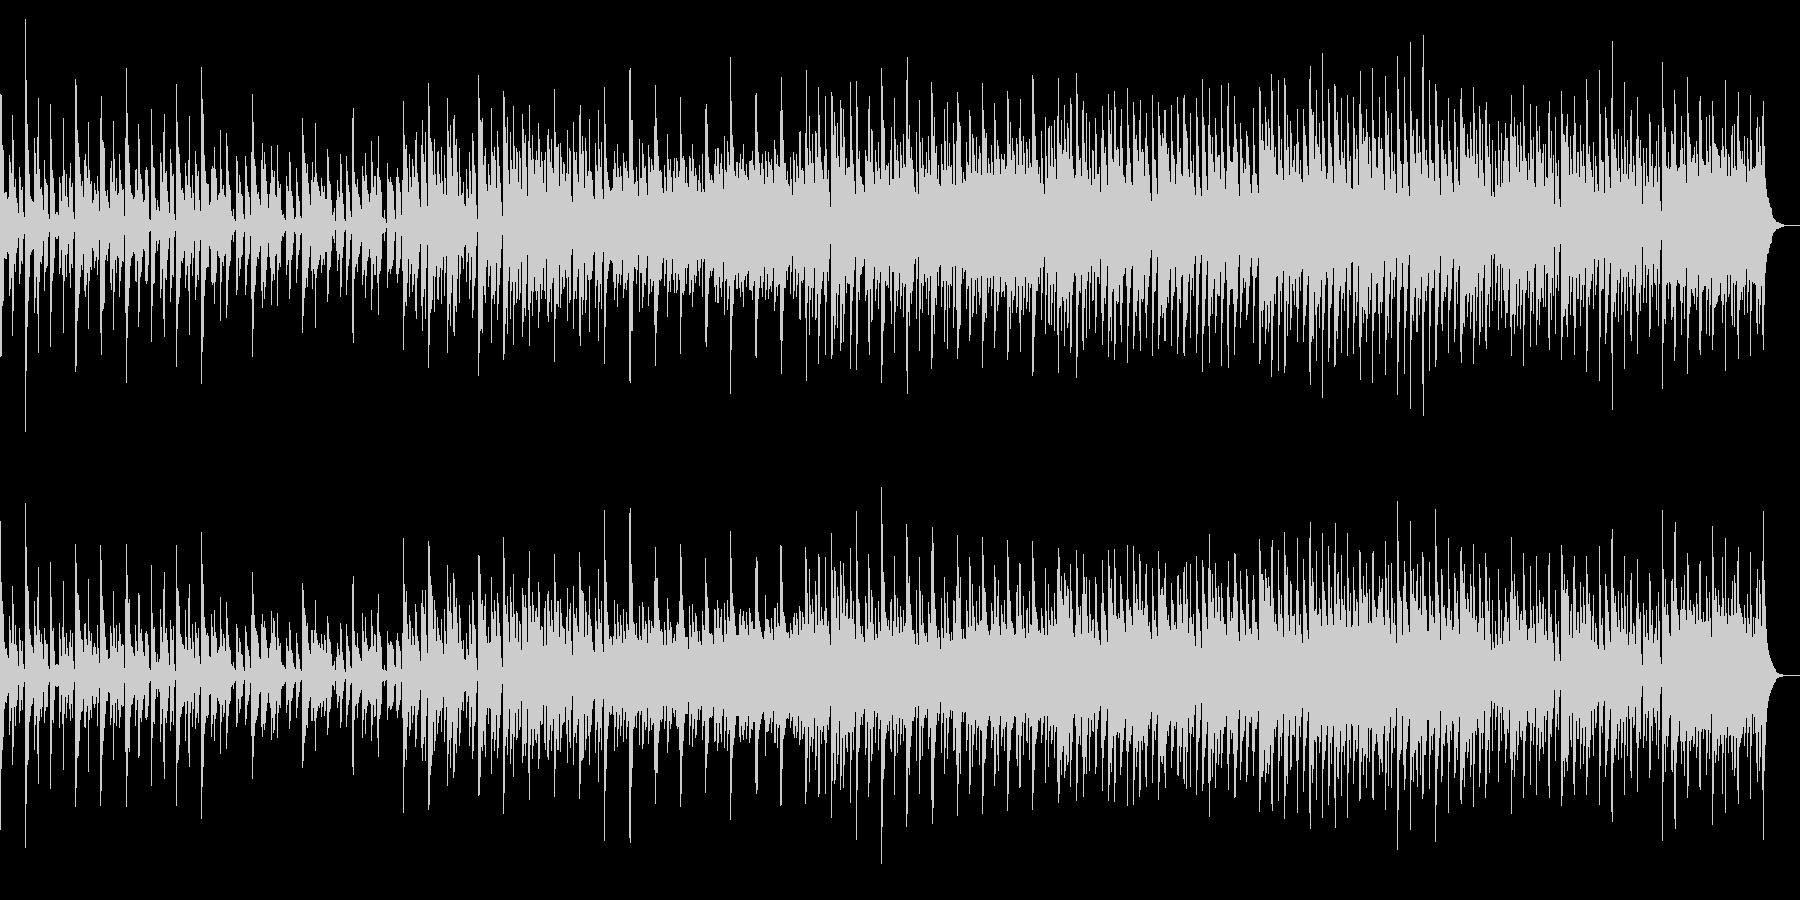 ピアノとギターの哀愁フォークの未再生の波形